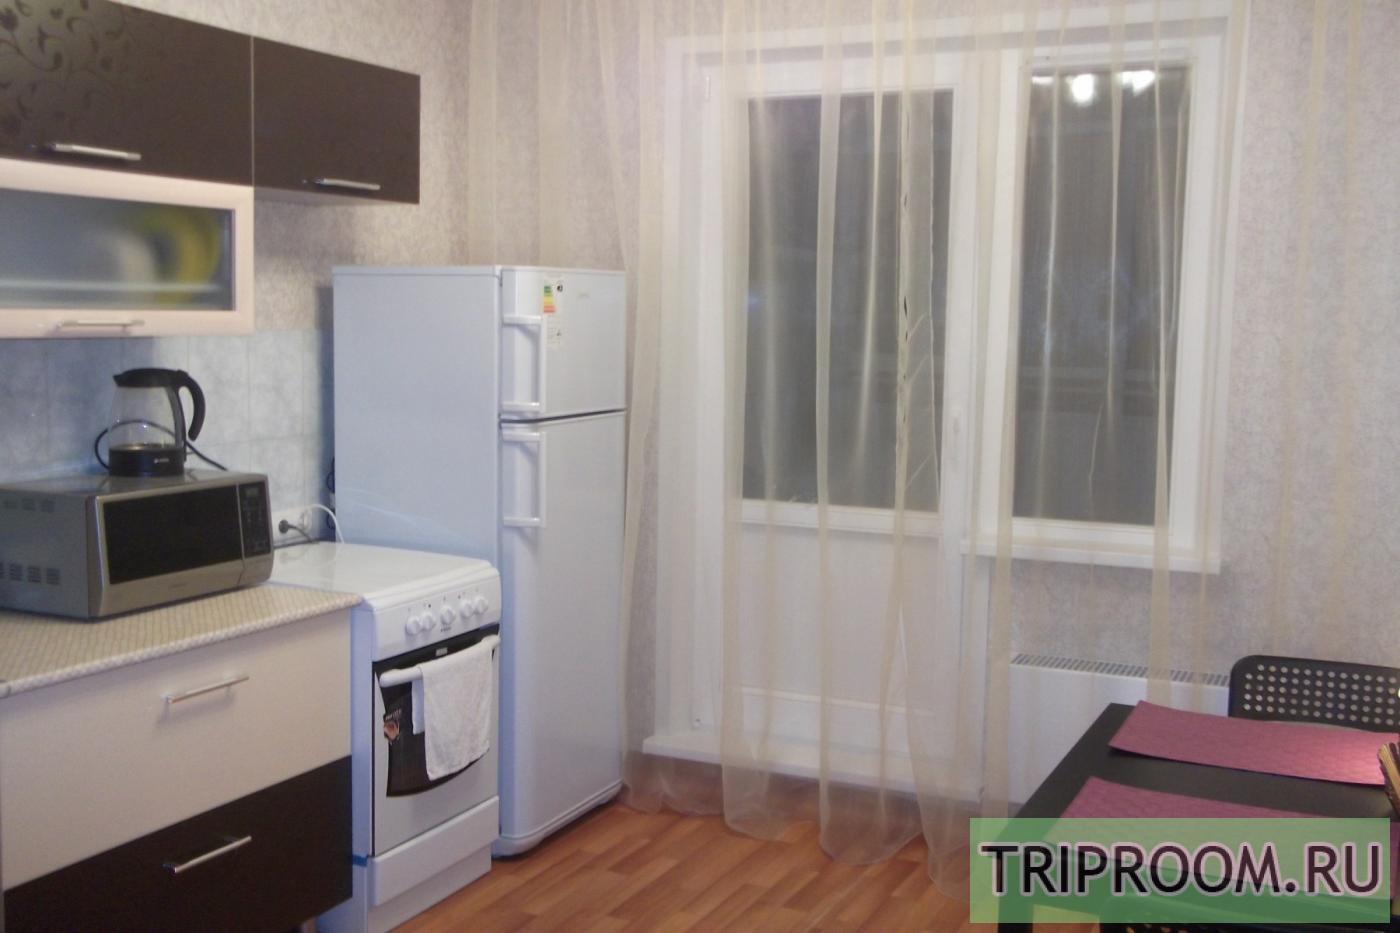 2-комнатная квартира посуточно (вариант № 12536), ул. Михаила Годенко улица, фото № 7